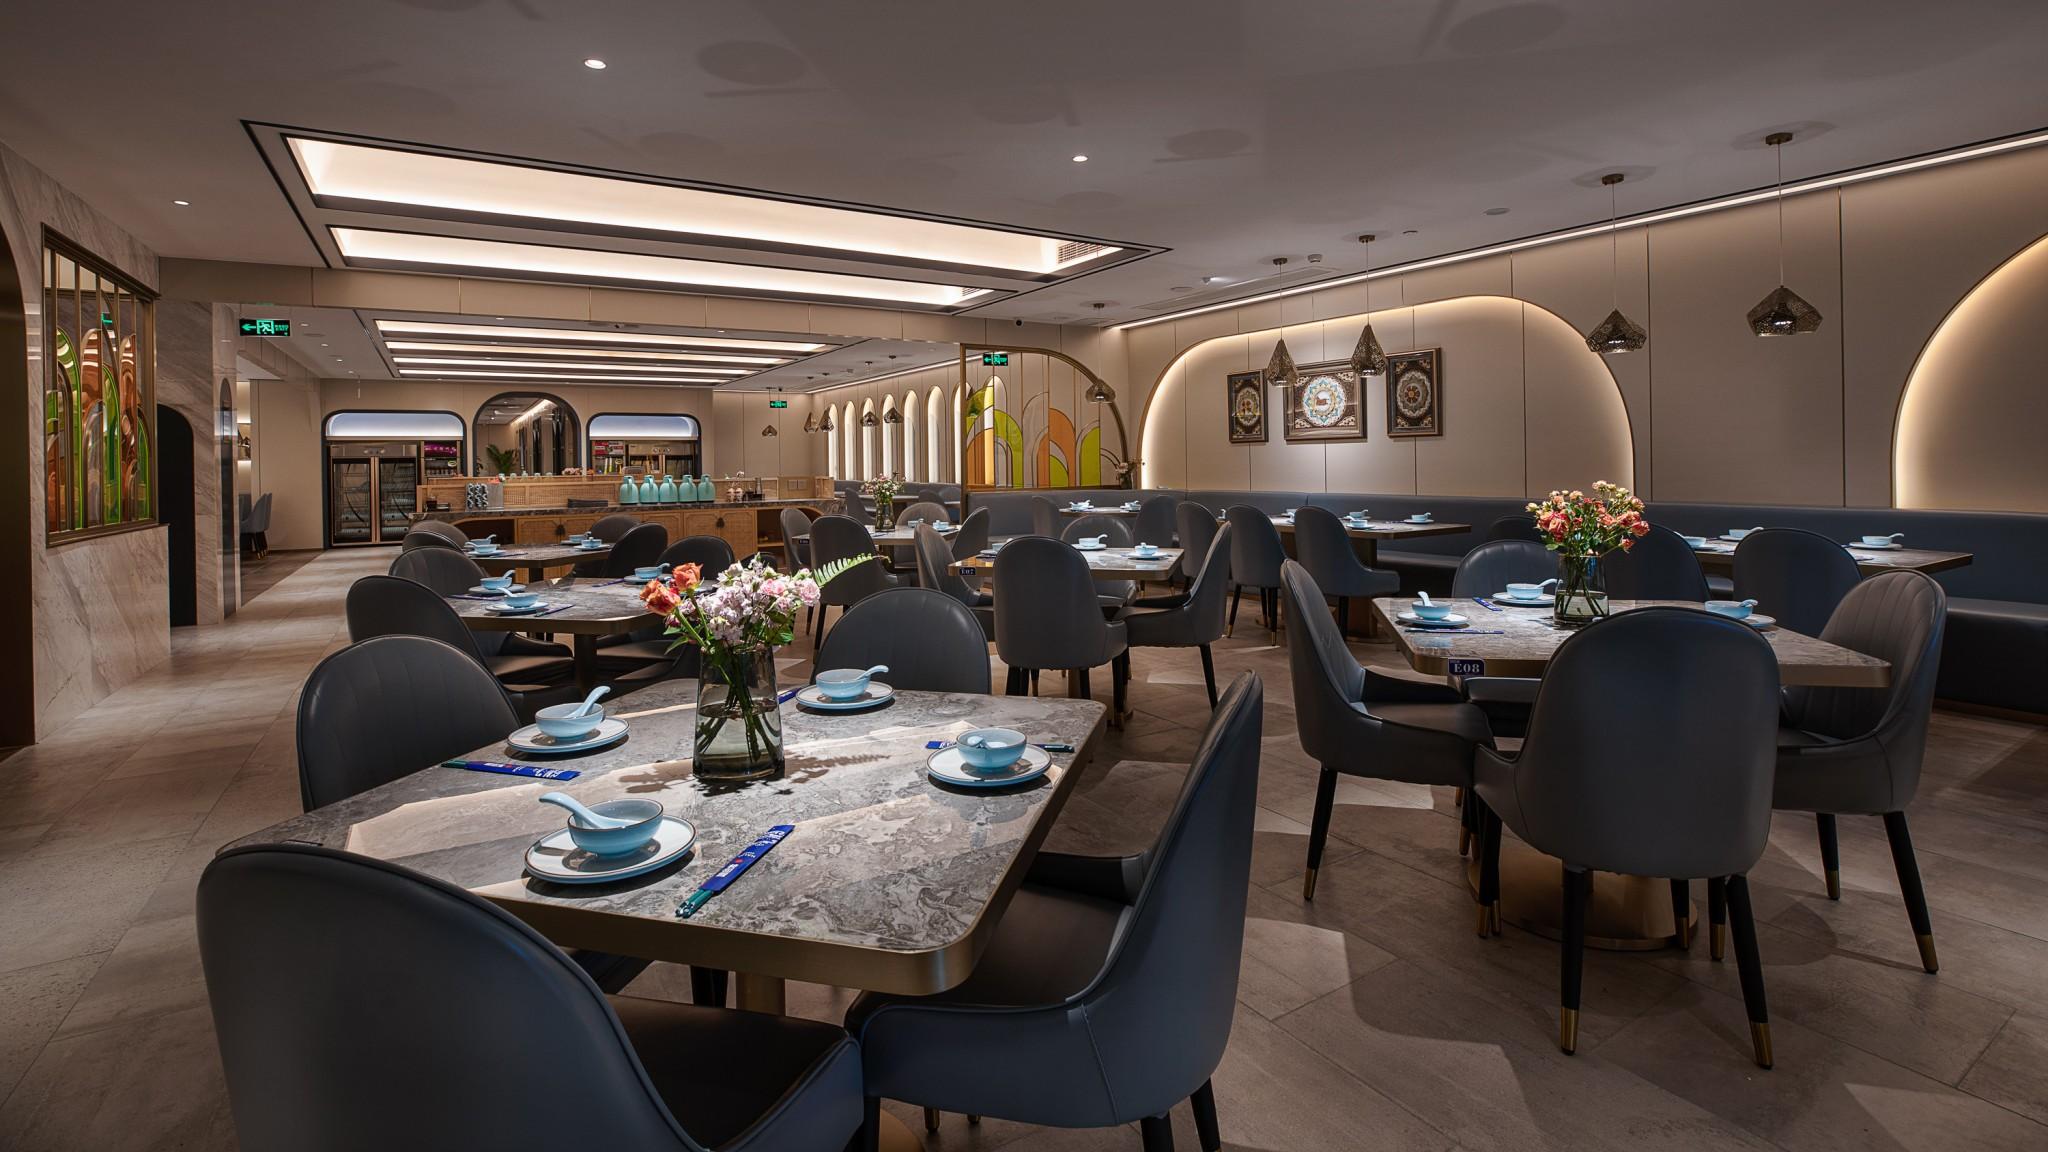 品味回西北菜餐厅设计-杭州餐厅设计-杭州达岸品牌策划设计公司eac454cd66bcadea098b62a1a0305802